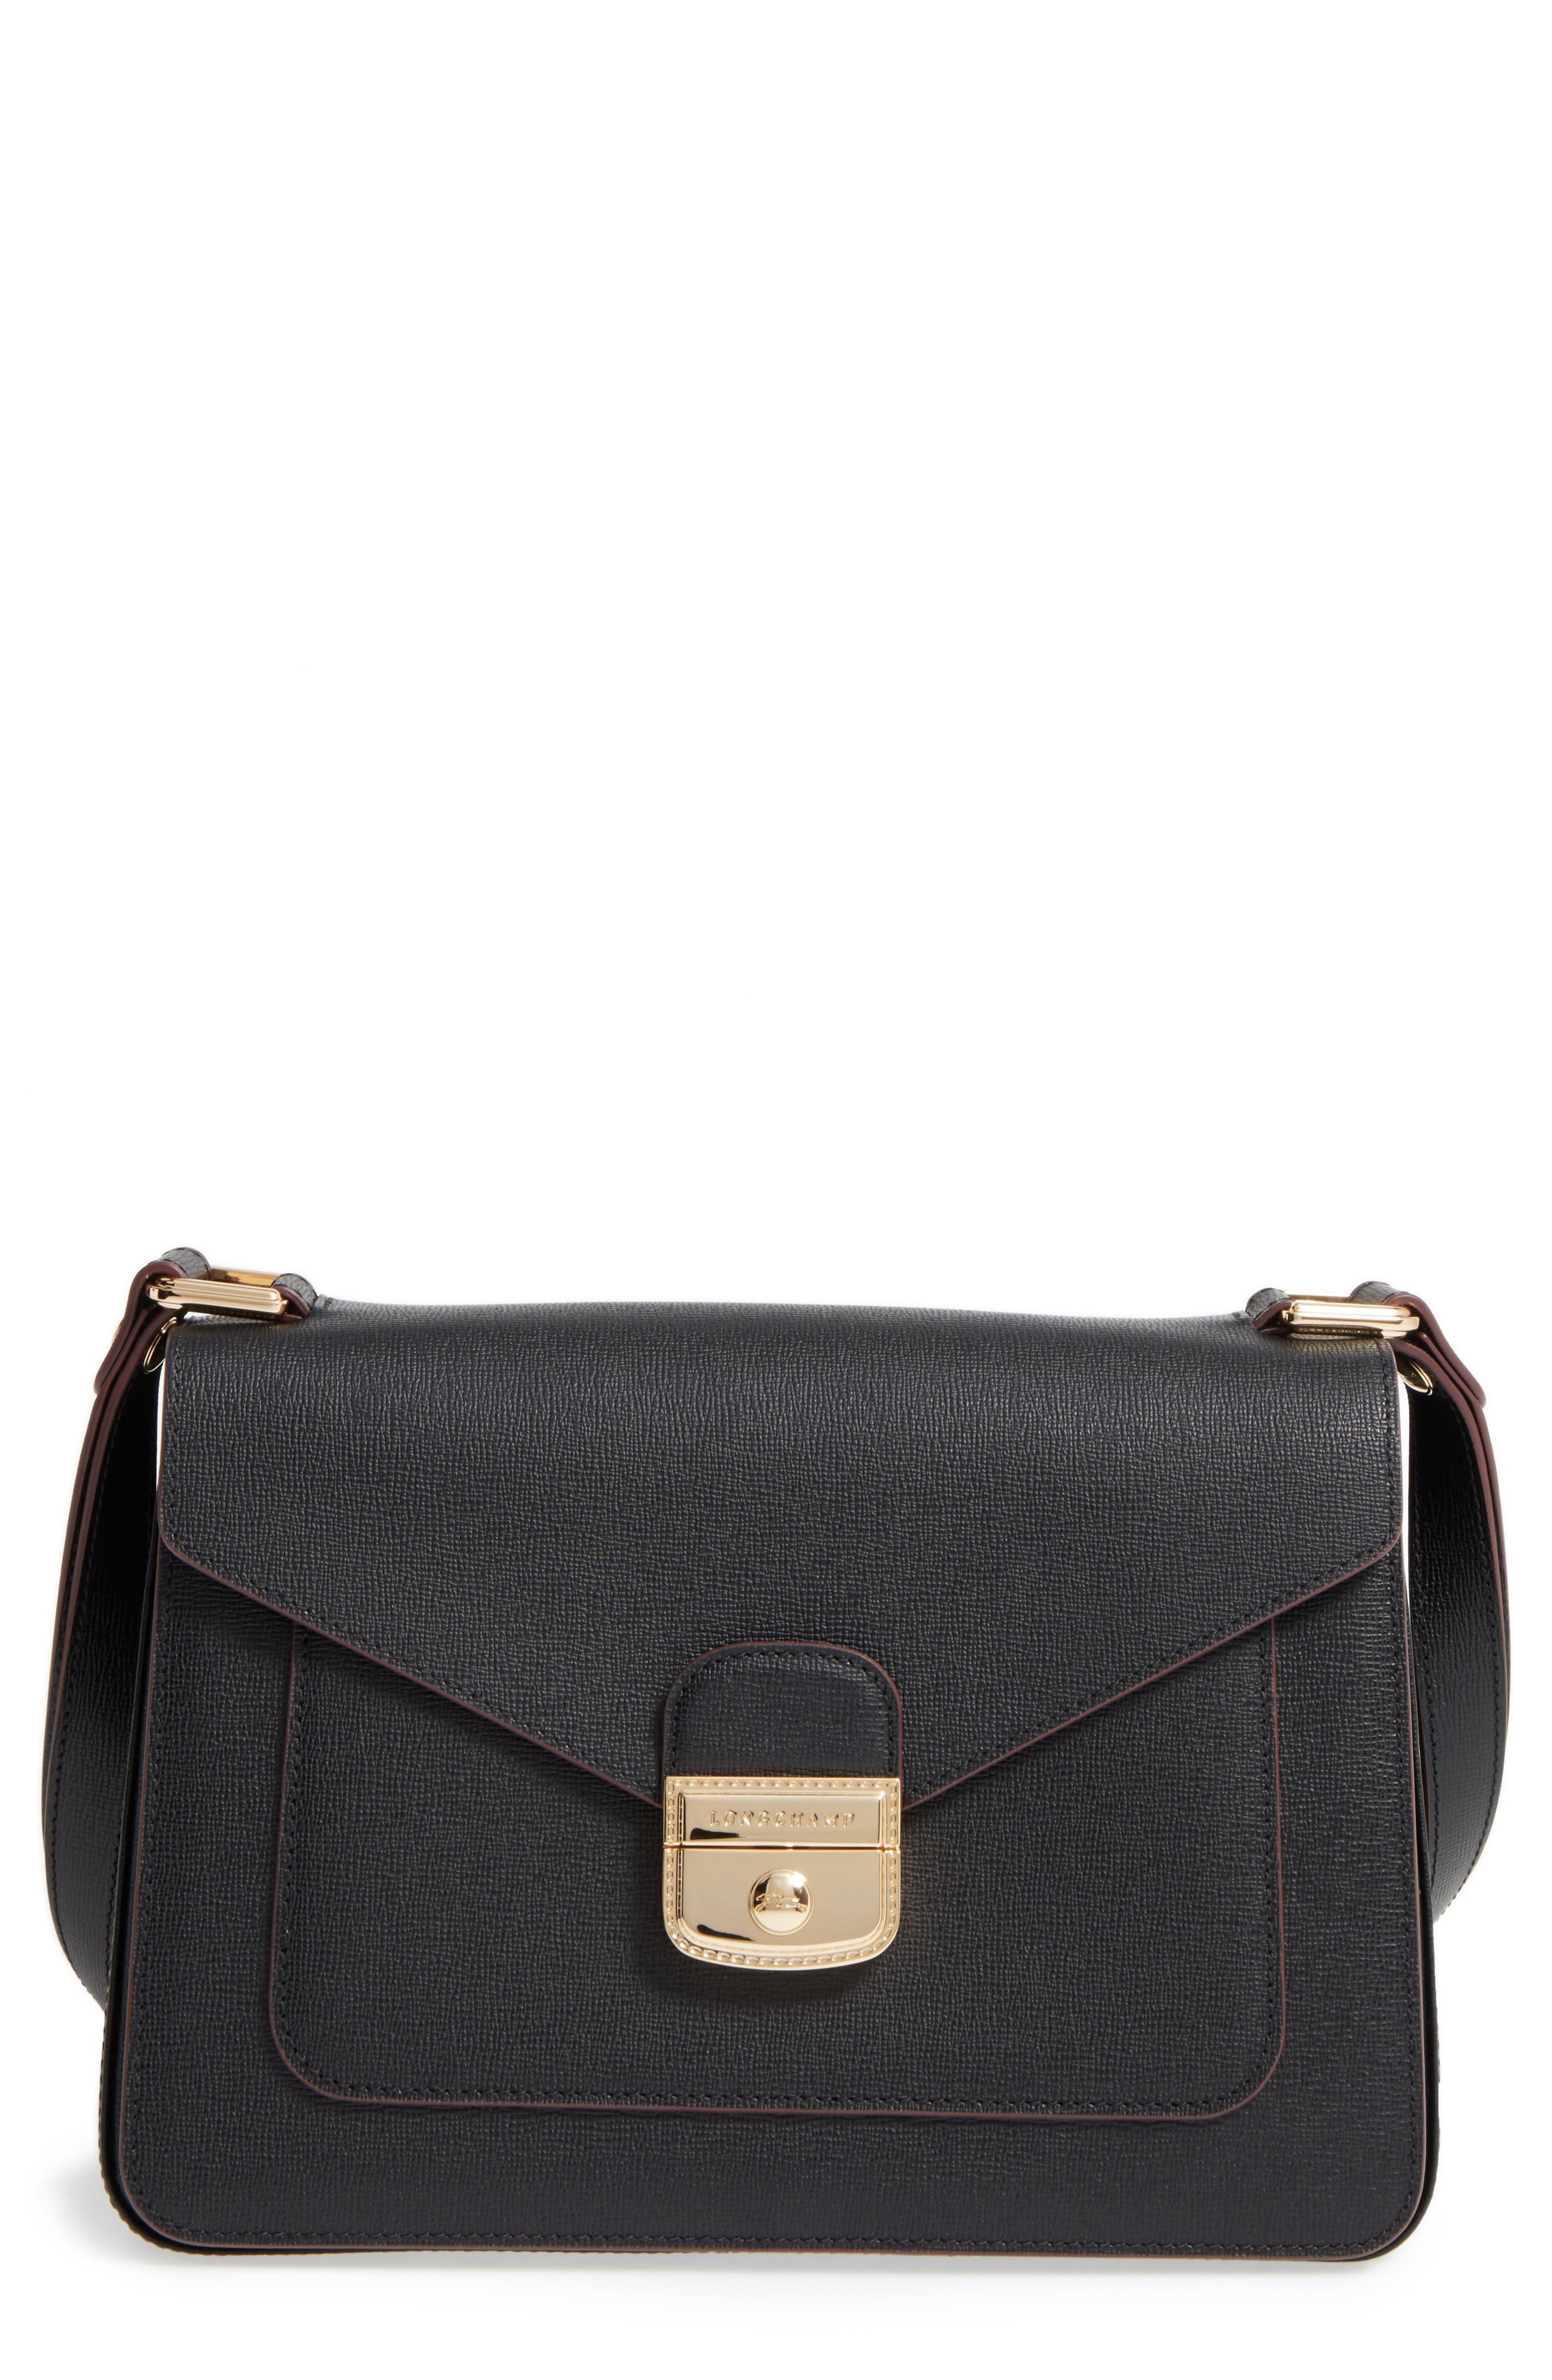 Pliage Heritage Leather Shoulder Bag,                         Main,                         color, BLACK